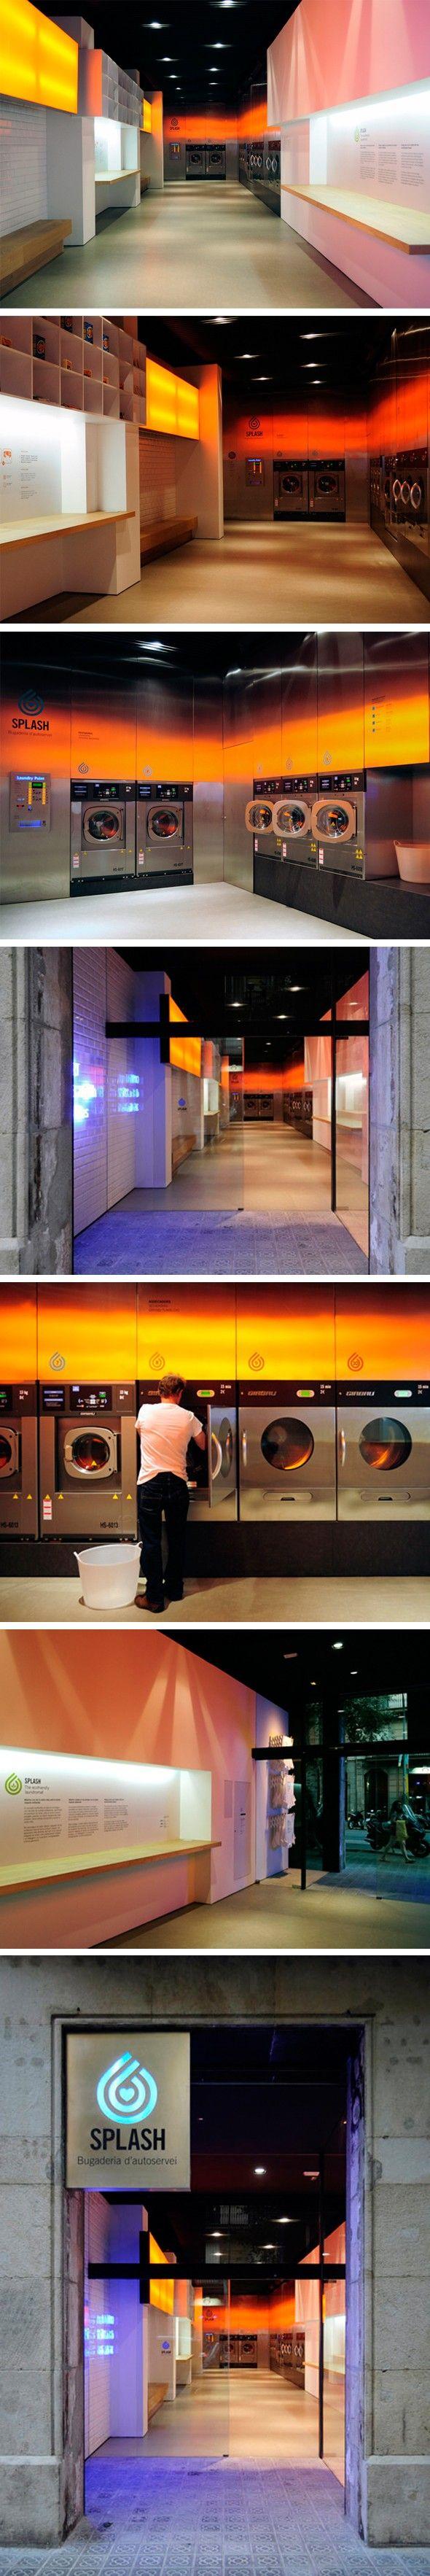 Laverie Splash par Frederic Perers - Journal du Design